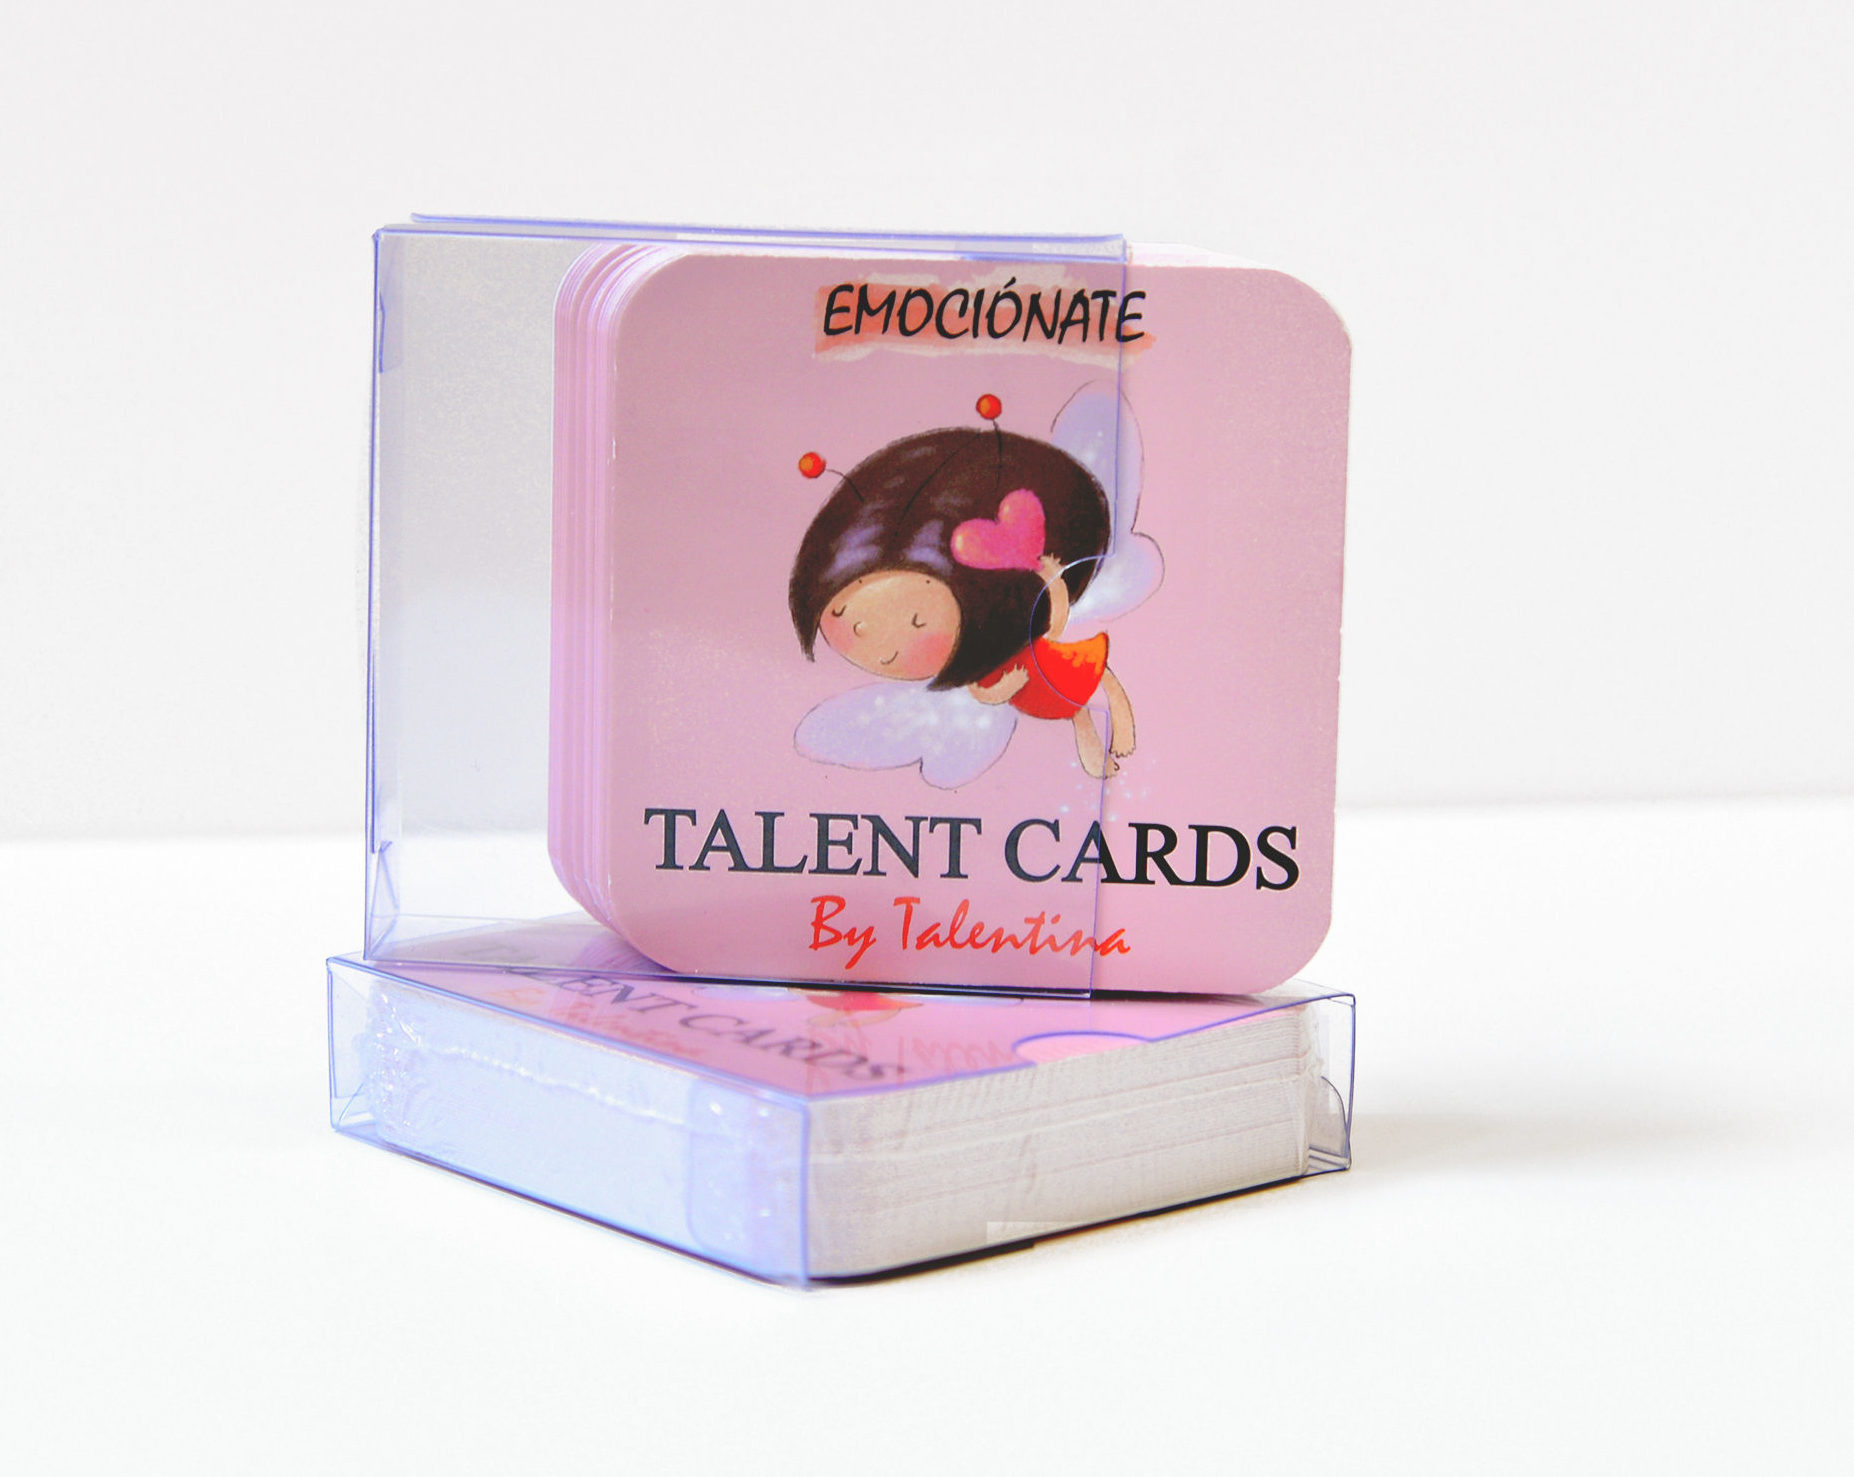 Talent Cards, Emociónate